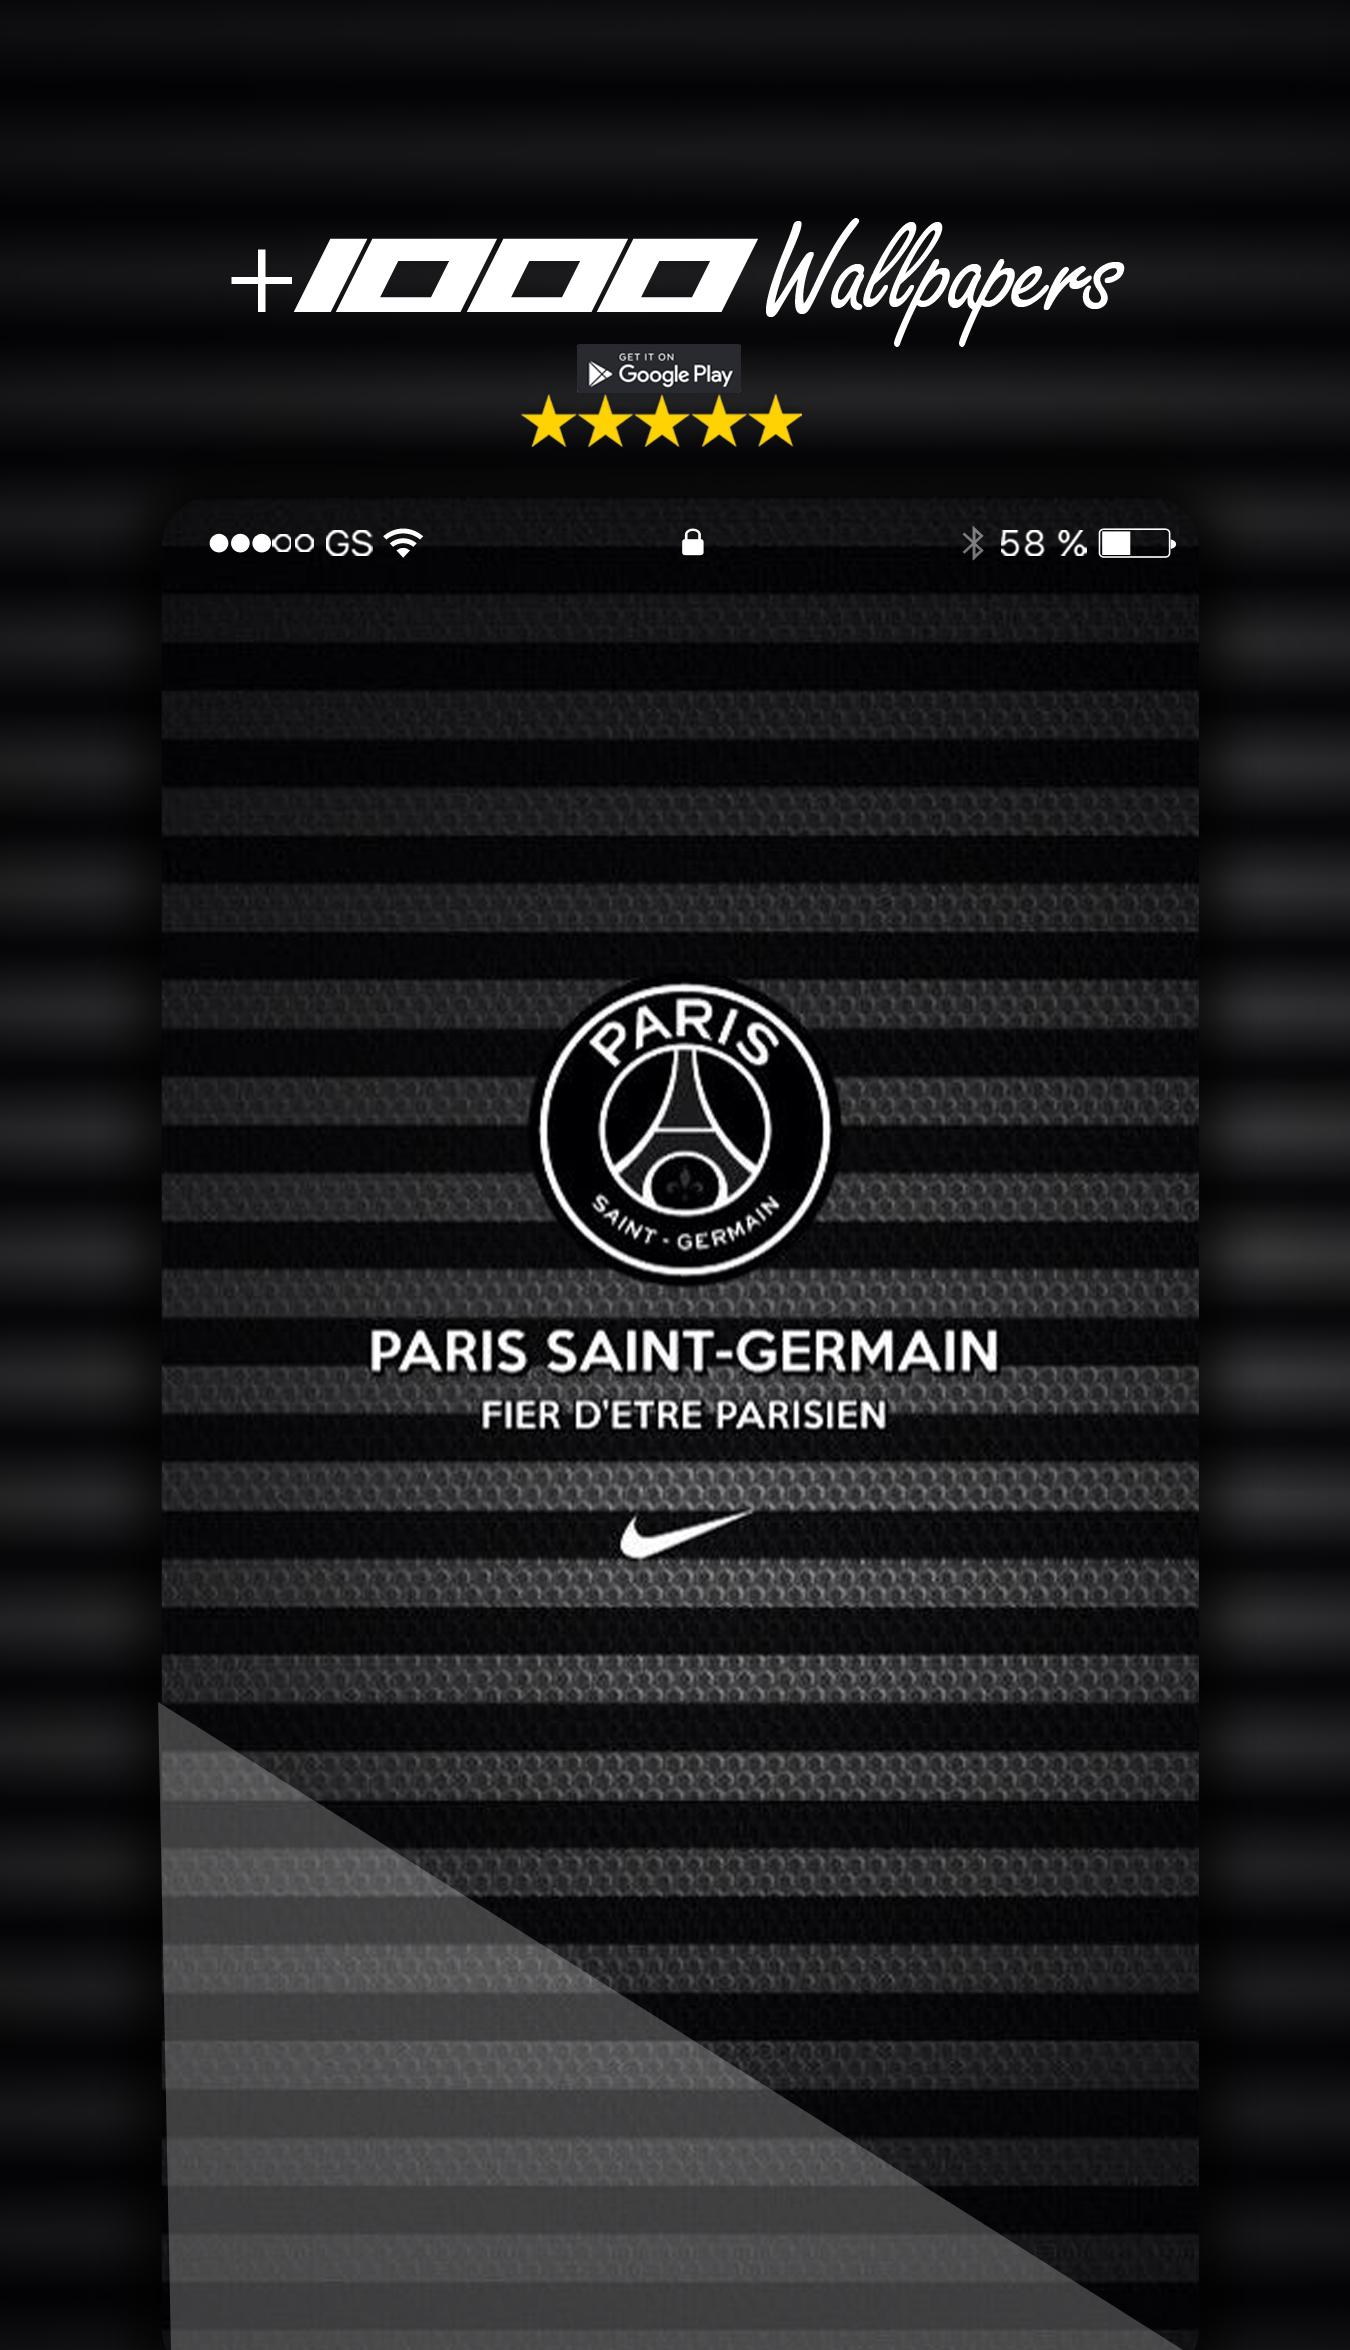 paris saint germain wallpaper hd posted